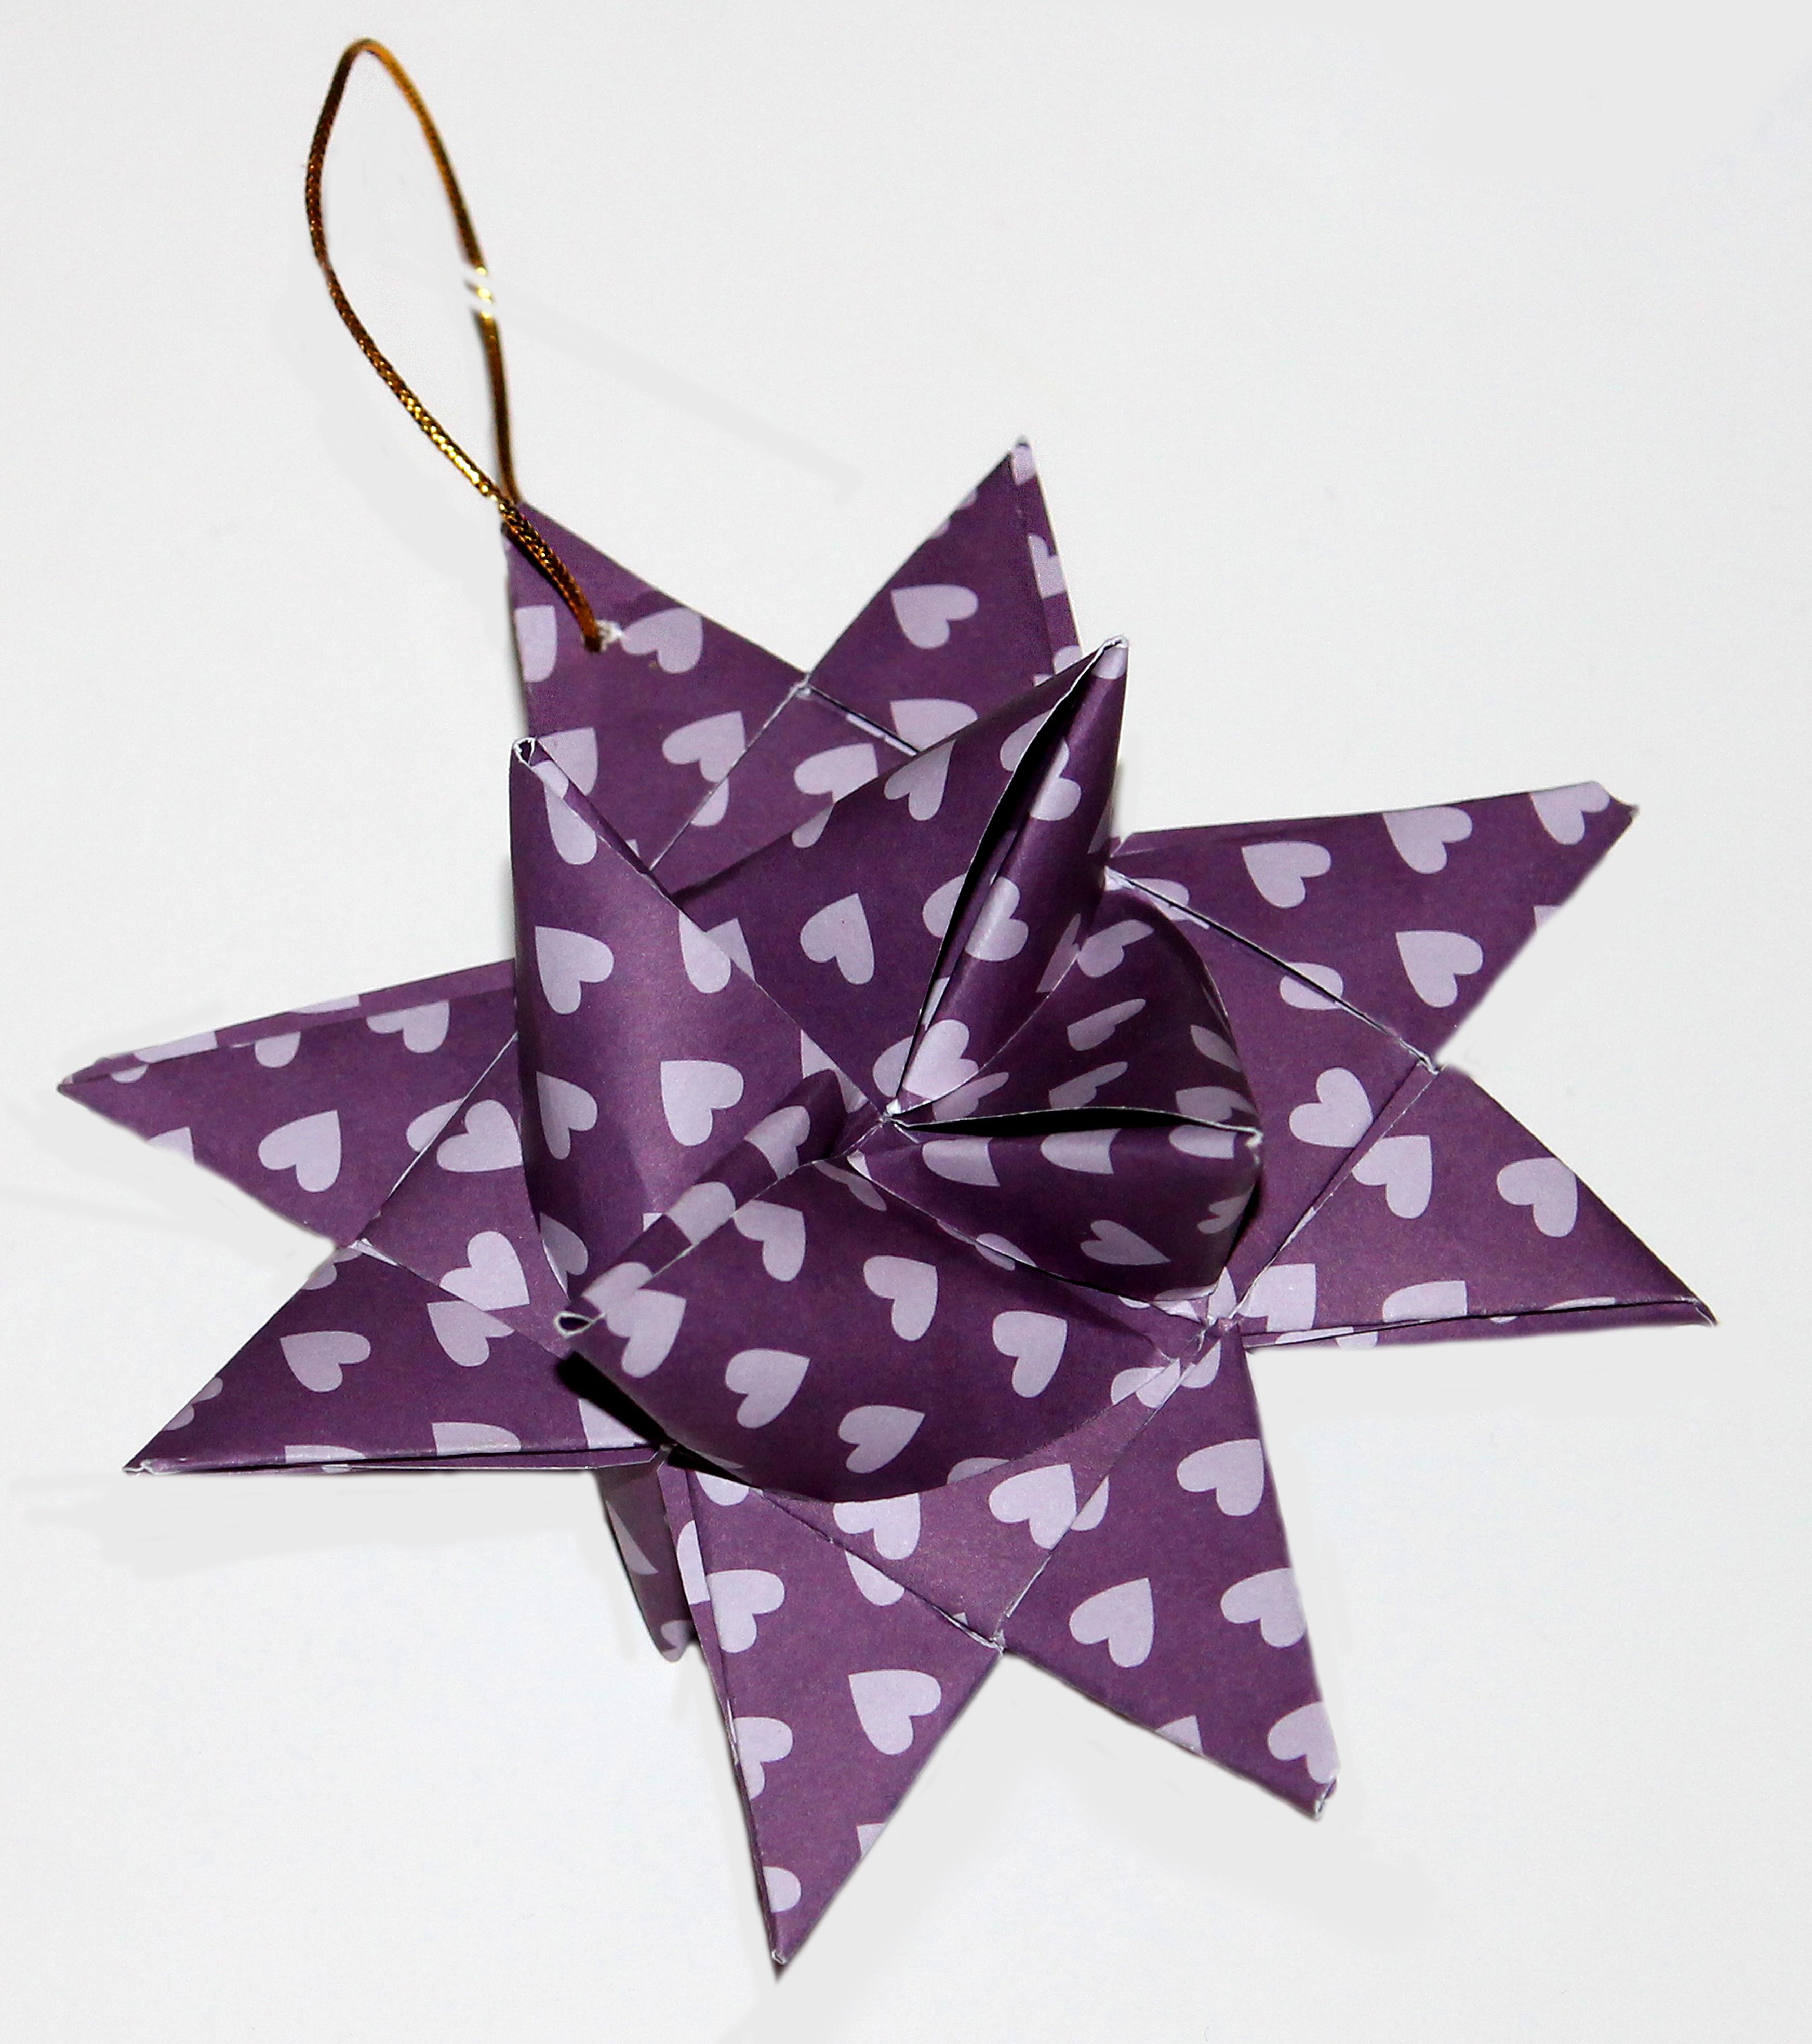 Fotos gratis : rueda, estrella, púrpura, pétalo, patrón, suspensión ...